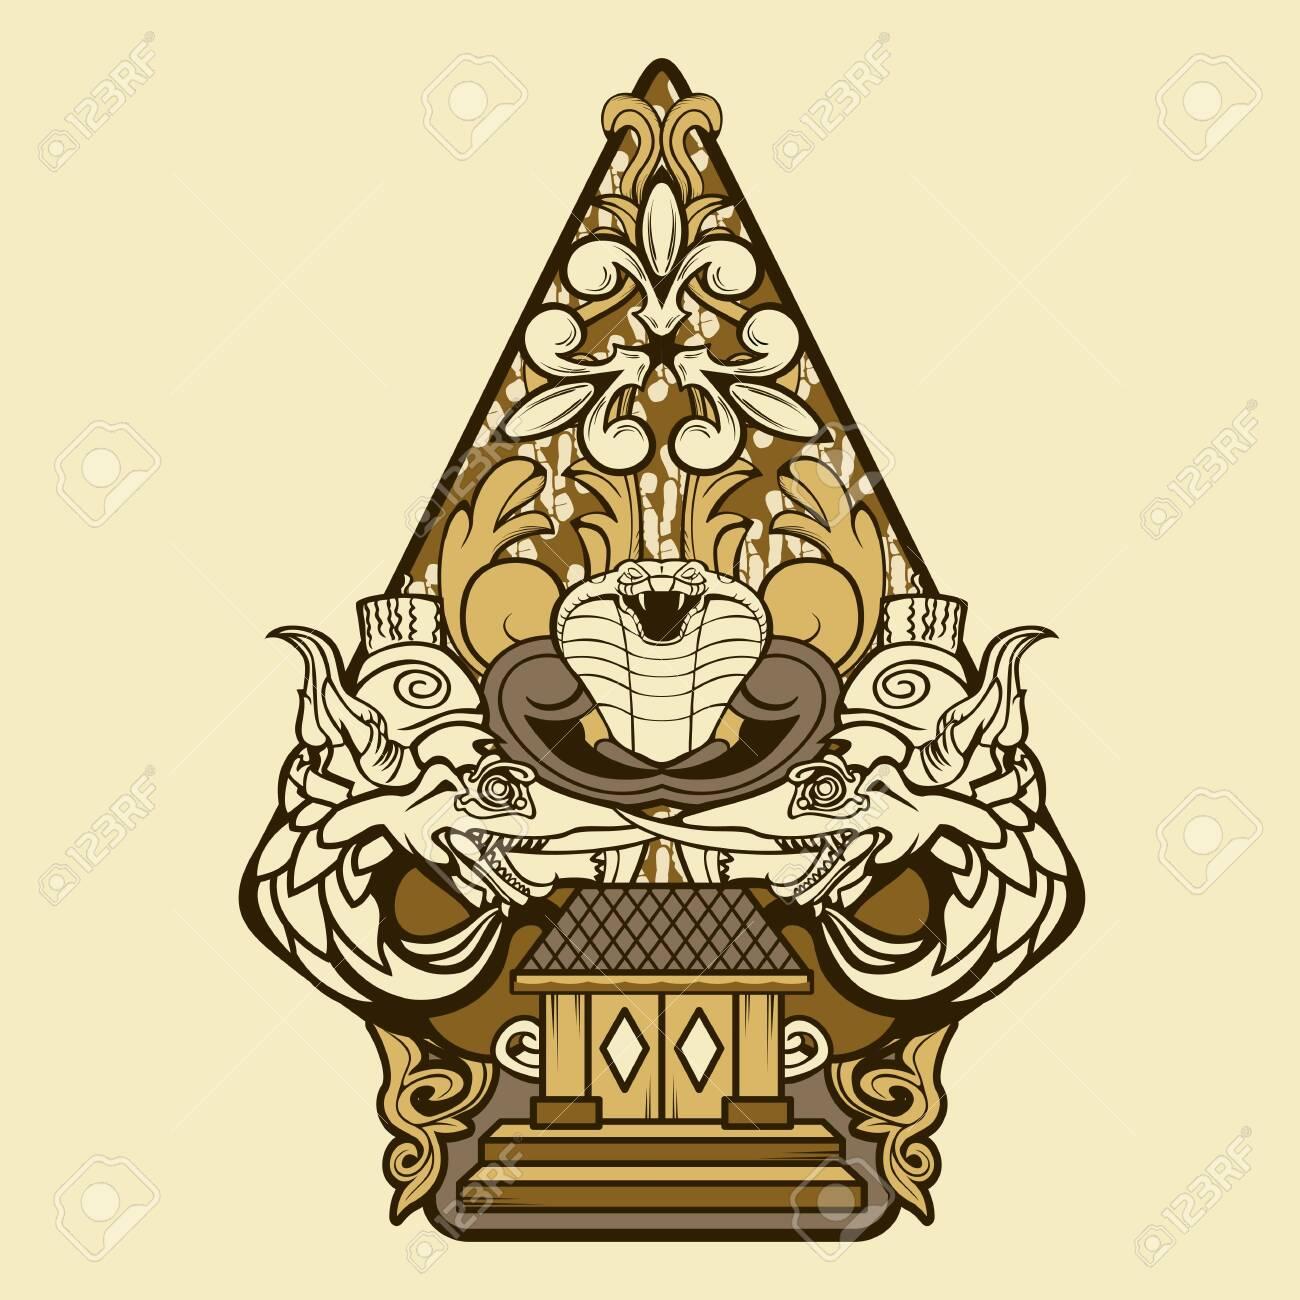 gunungan puppet wayang decoration invitation royalty free cliparts vectors and stock illustration image 136417736 gunungan puppet wayang decoration invitation